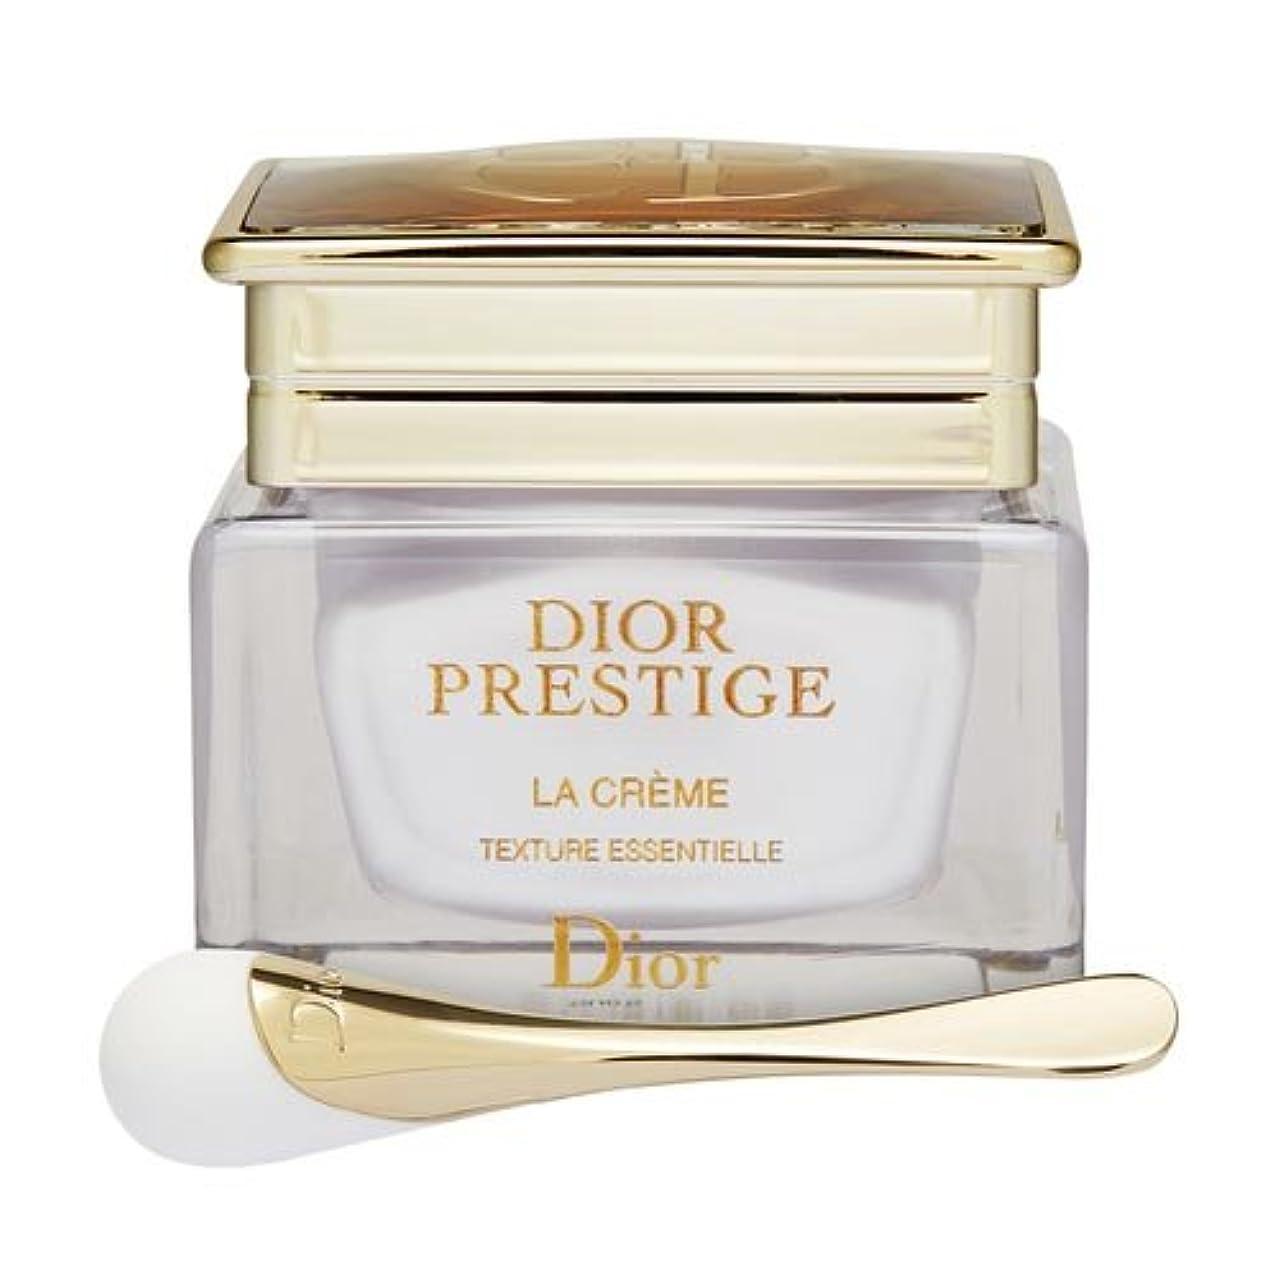 落胆した診療所ディオール(Dior) プレステージ ラ クレーム 50ml[並行輸入品]